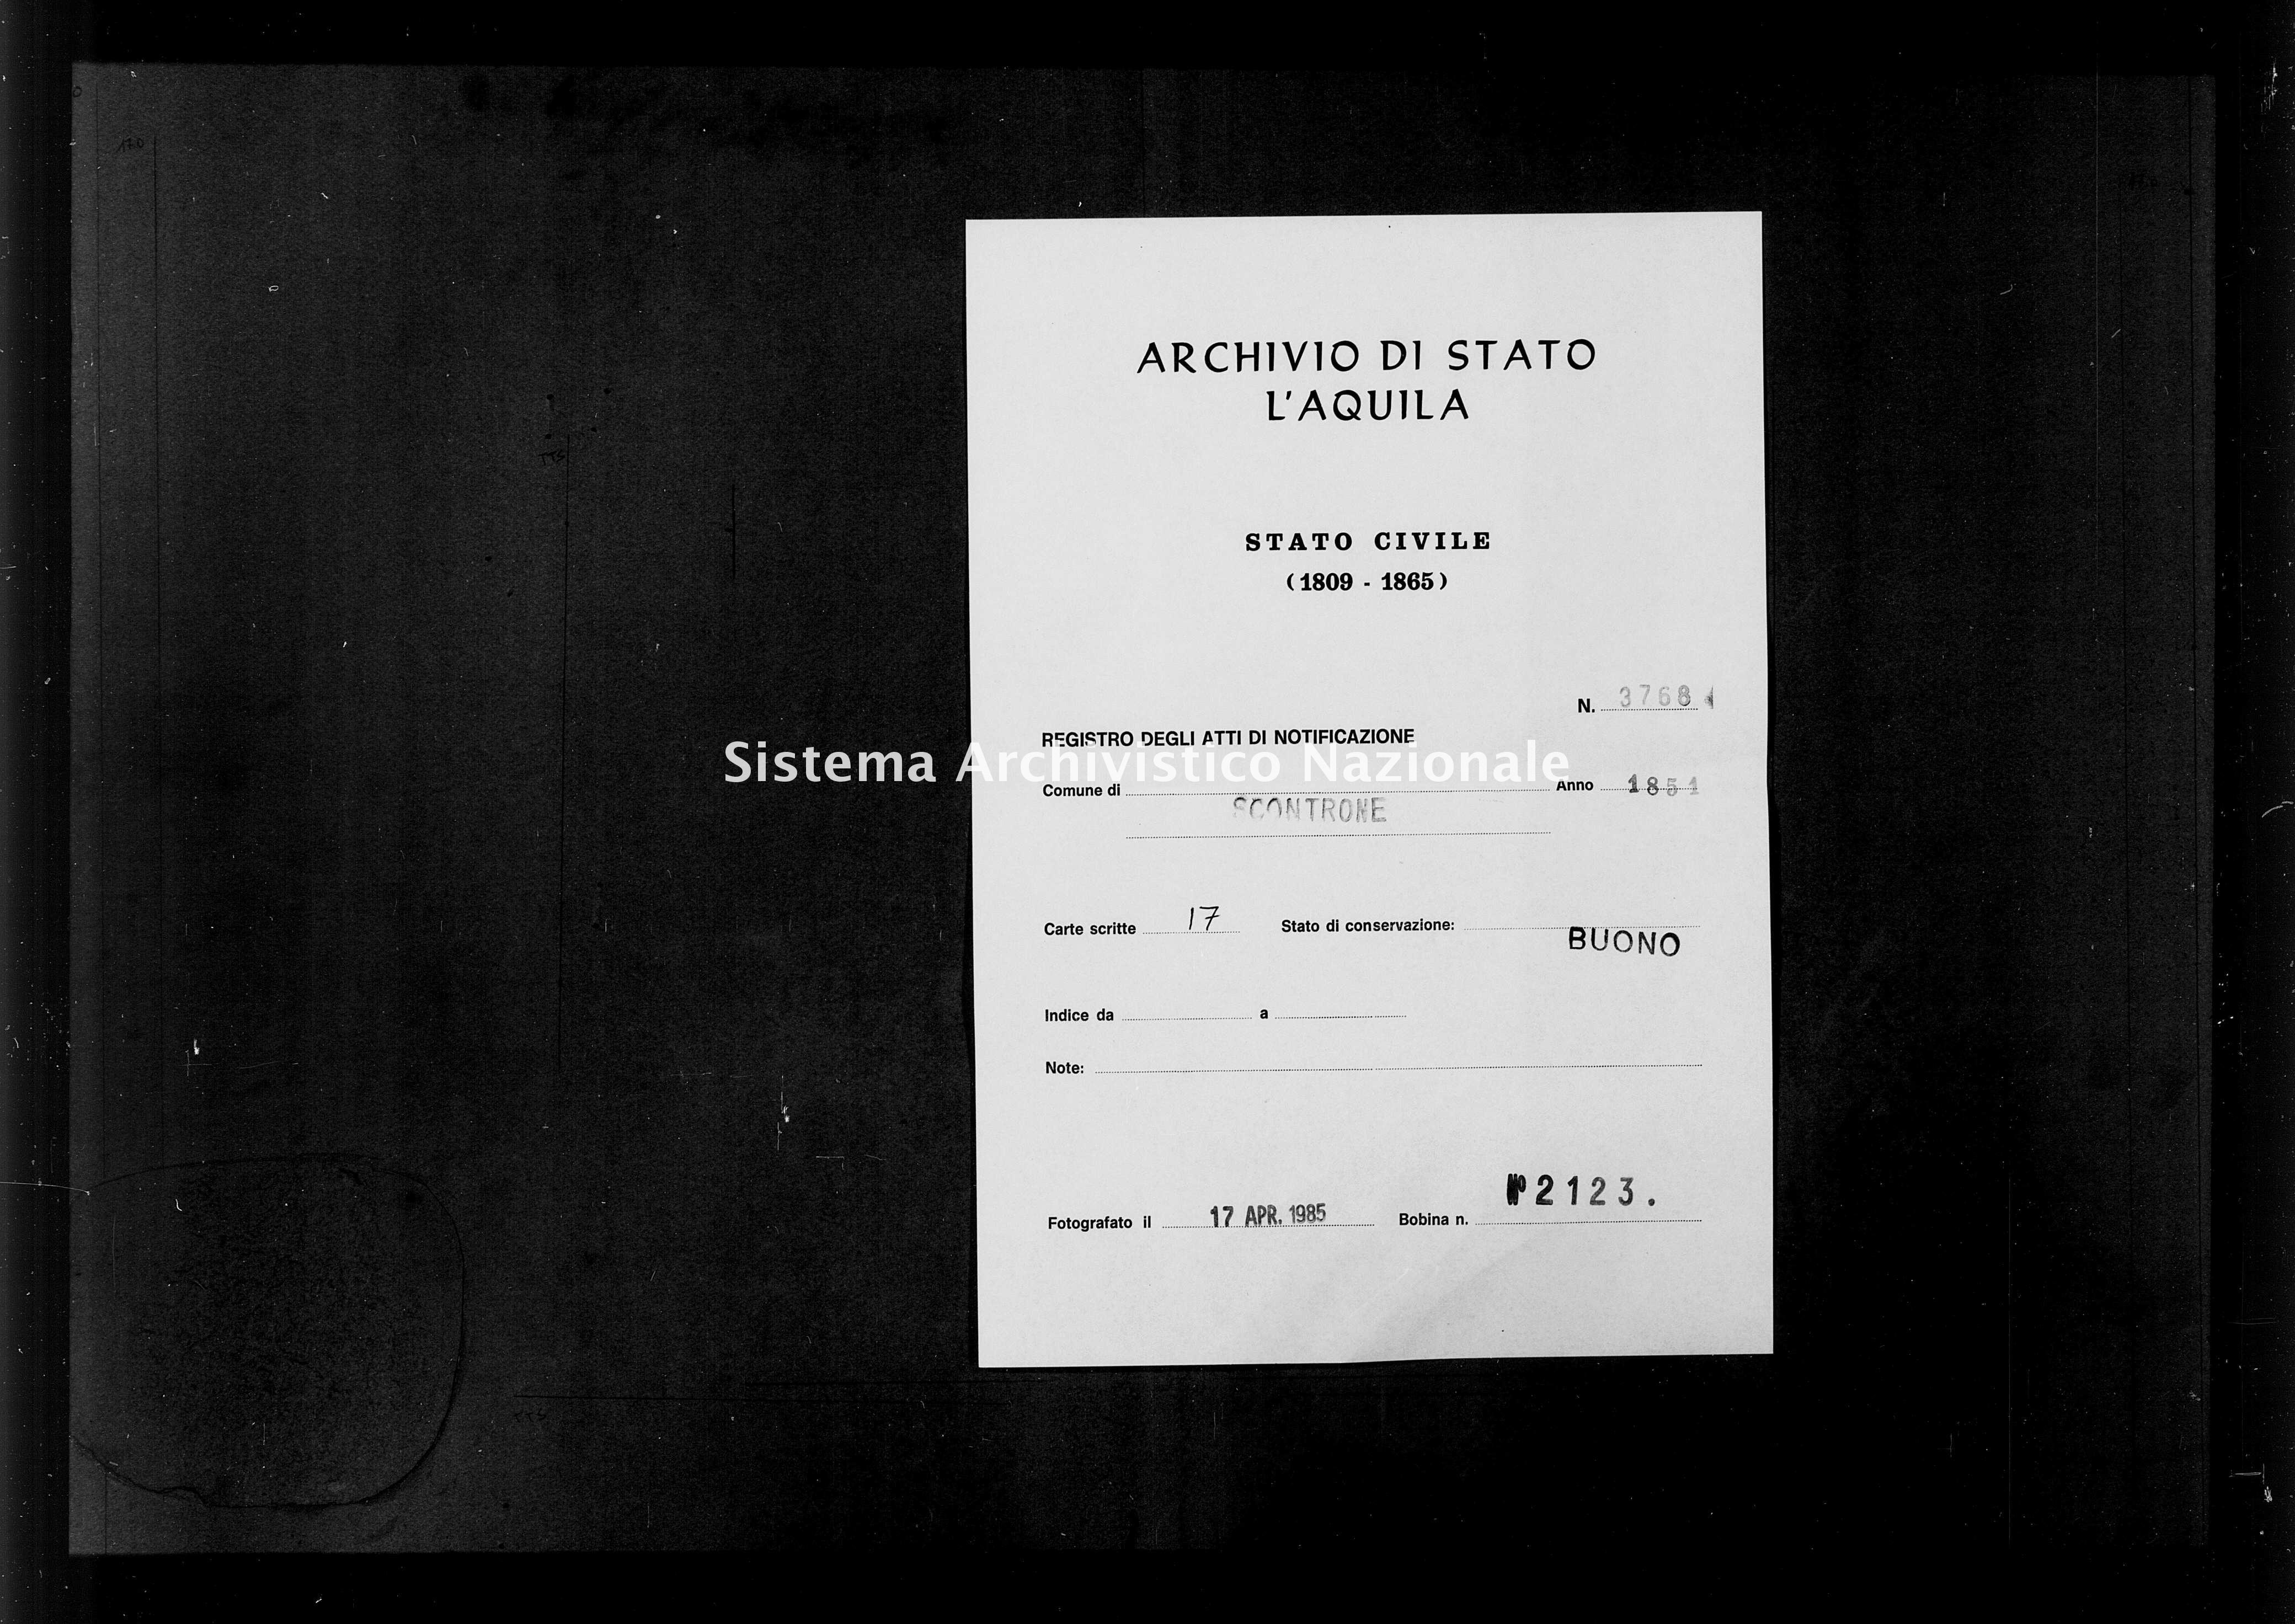 Archivio di stato di L'aquila - Stato civile della restaurazione - Scontrone - Matrimoni, memorandum notificazioni ed opposizioni - 1851 - 3768 -